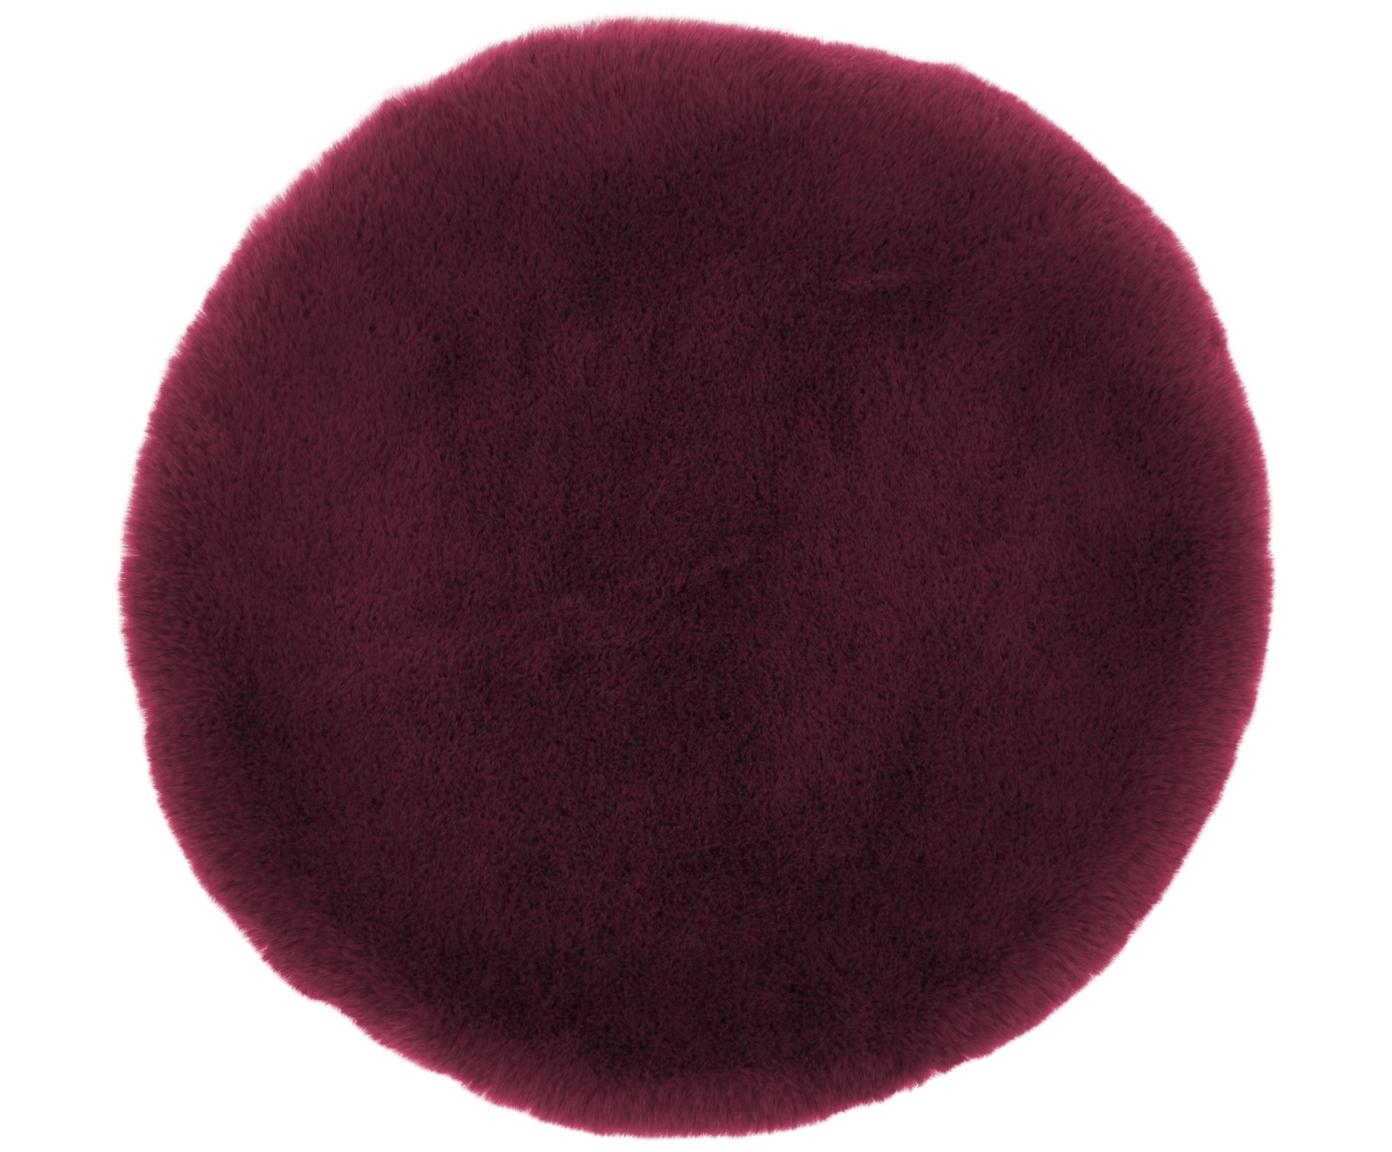 Cuscino sedia in pelliccia sintetica Matte, liscio, Retro: 100% poliestere, Rosso scuro, Ø 37 cm